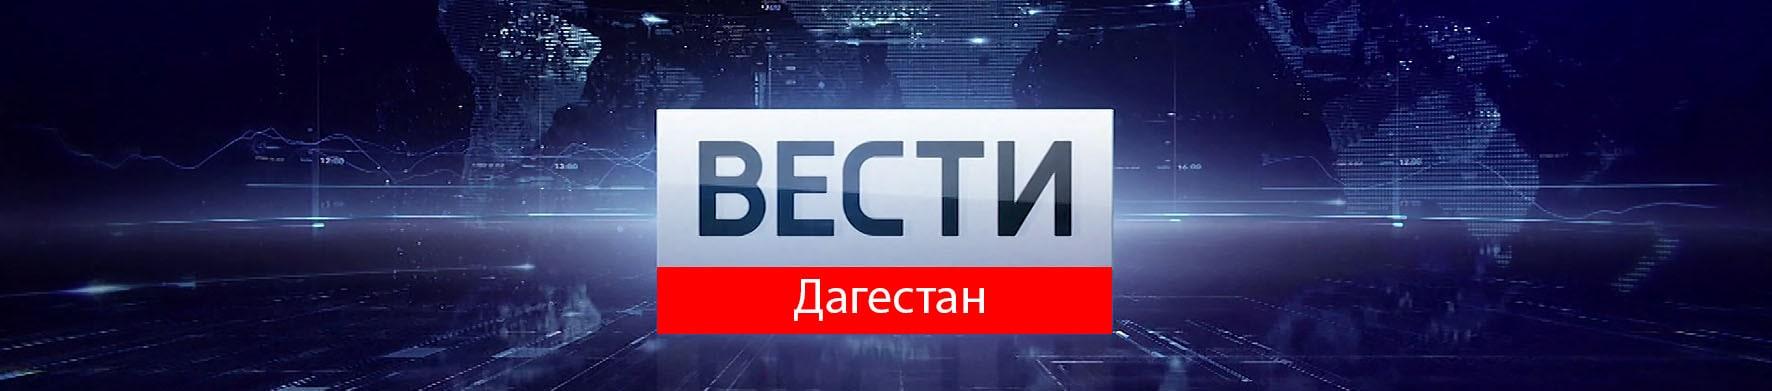 Реклама на телеканале Россия 24 Дагестан заказать